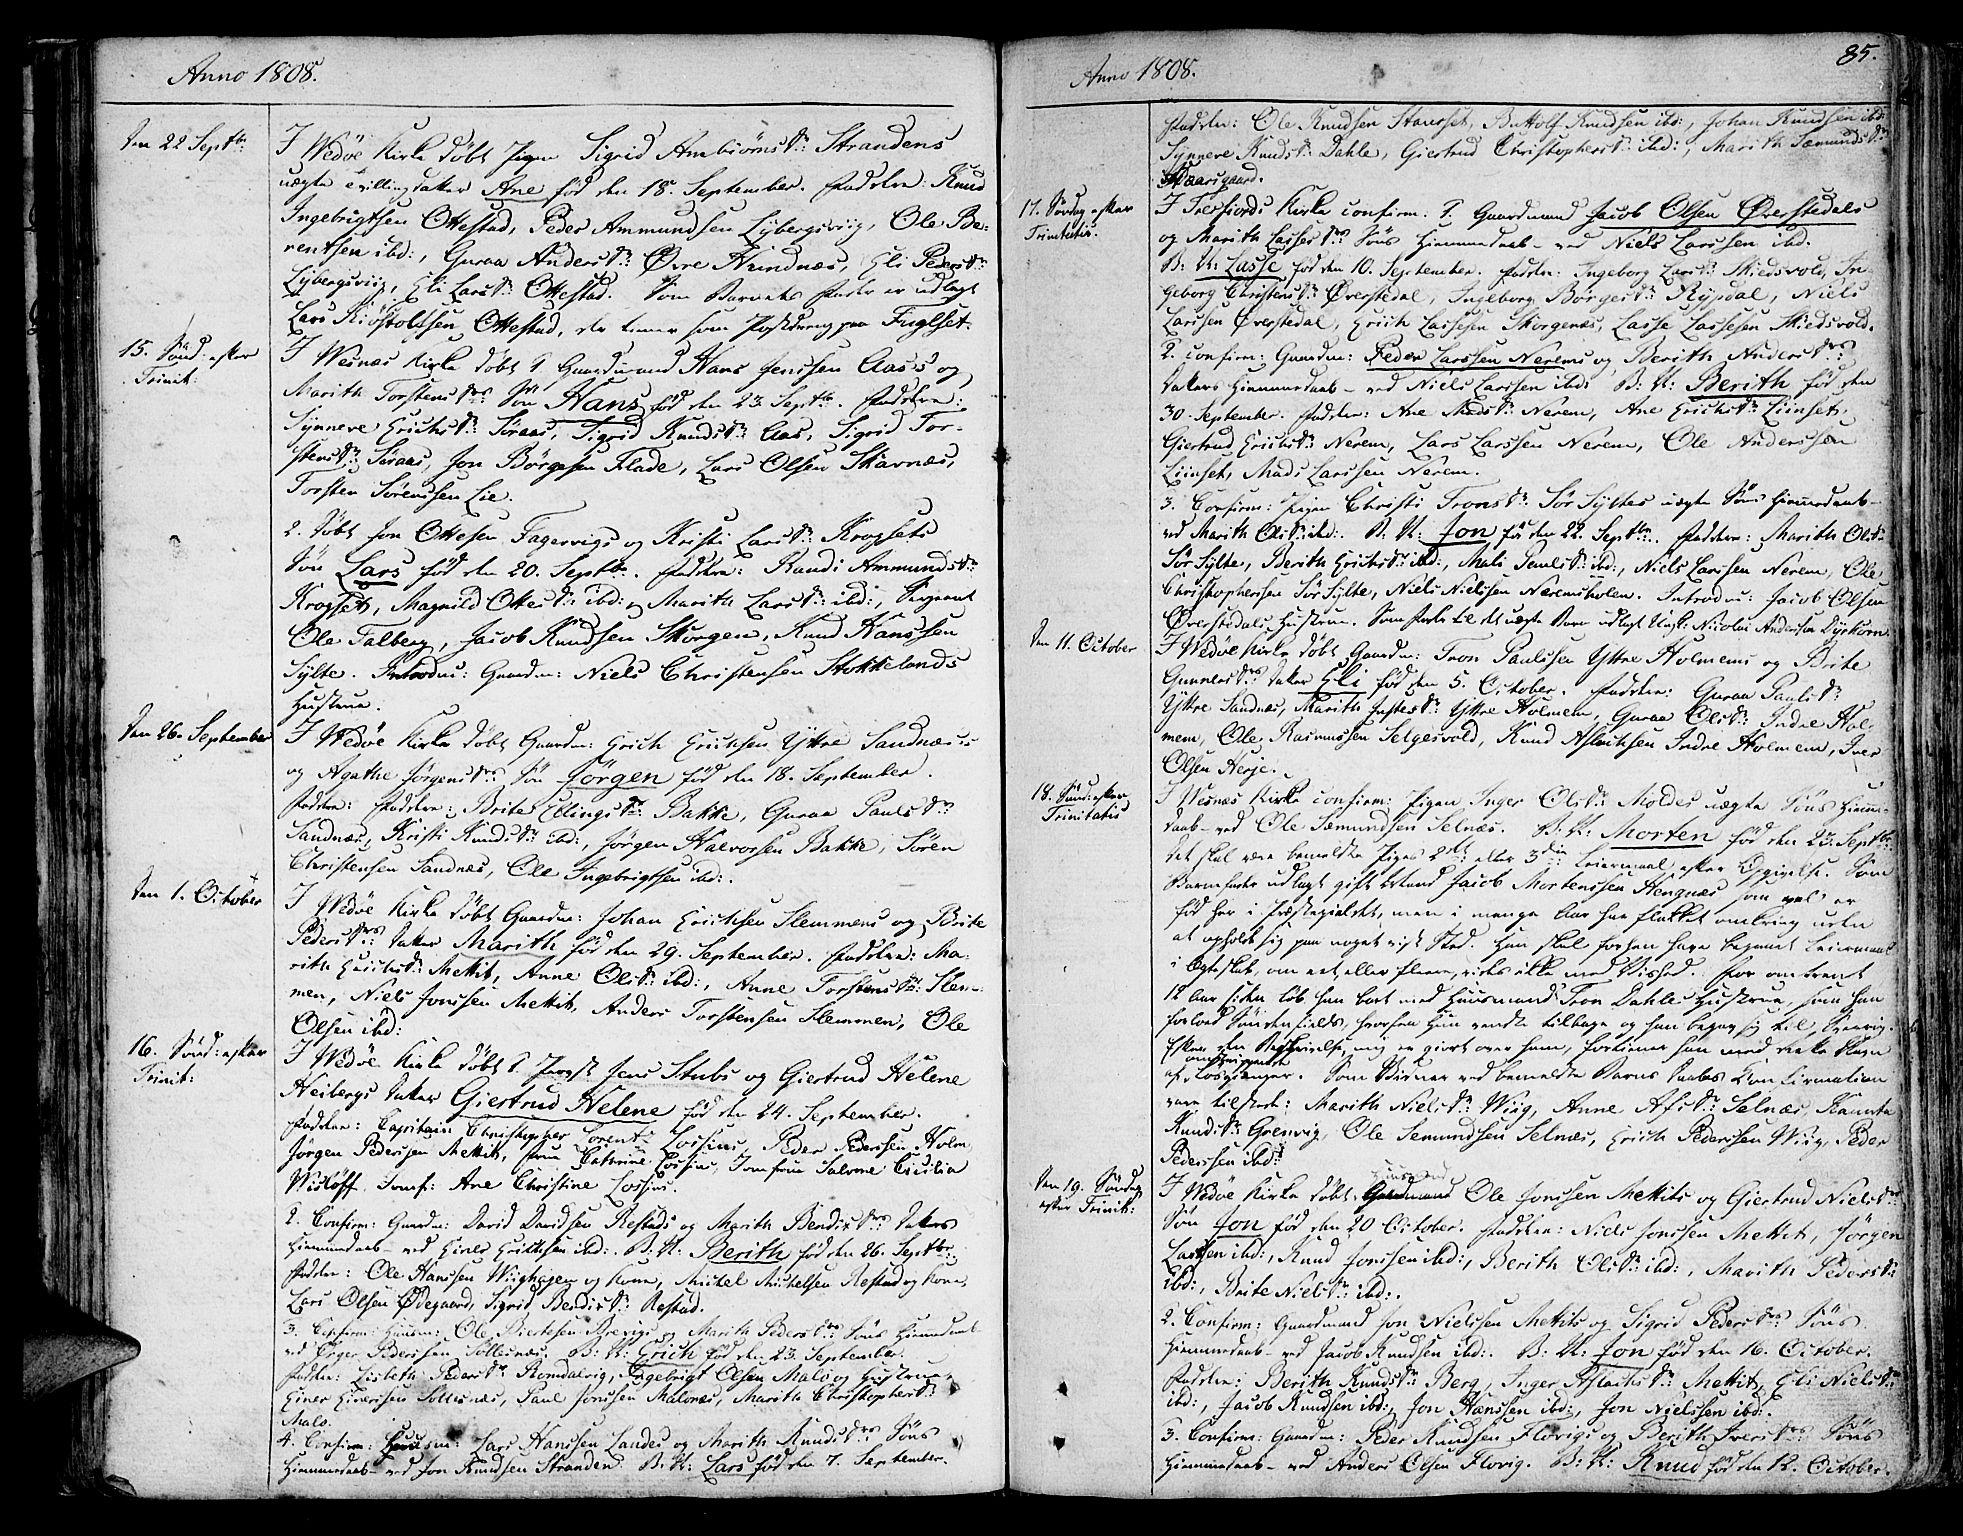 SAT, Ministerialprotokoller, klokkerbøker og fødselsregistre - Møre og Romsdal, 547/L0601: Ministerialbok nr. 547A03, 1799-1818, s. 85